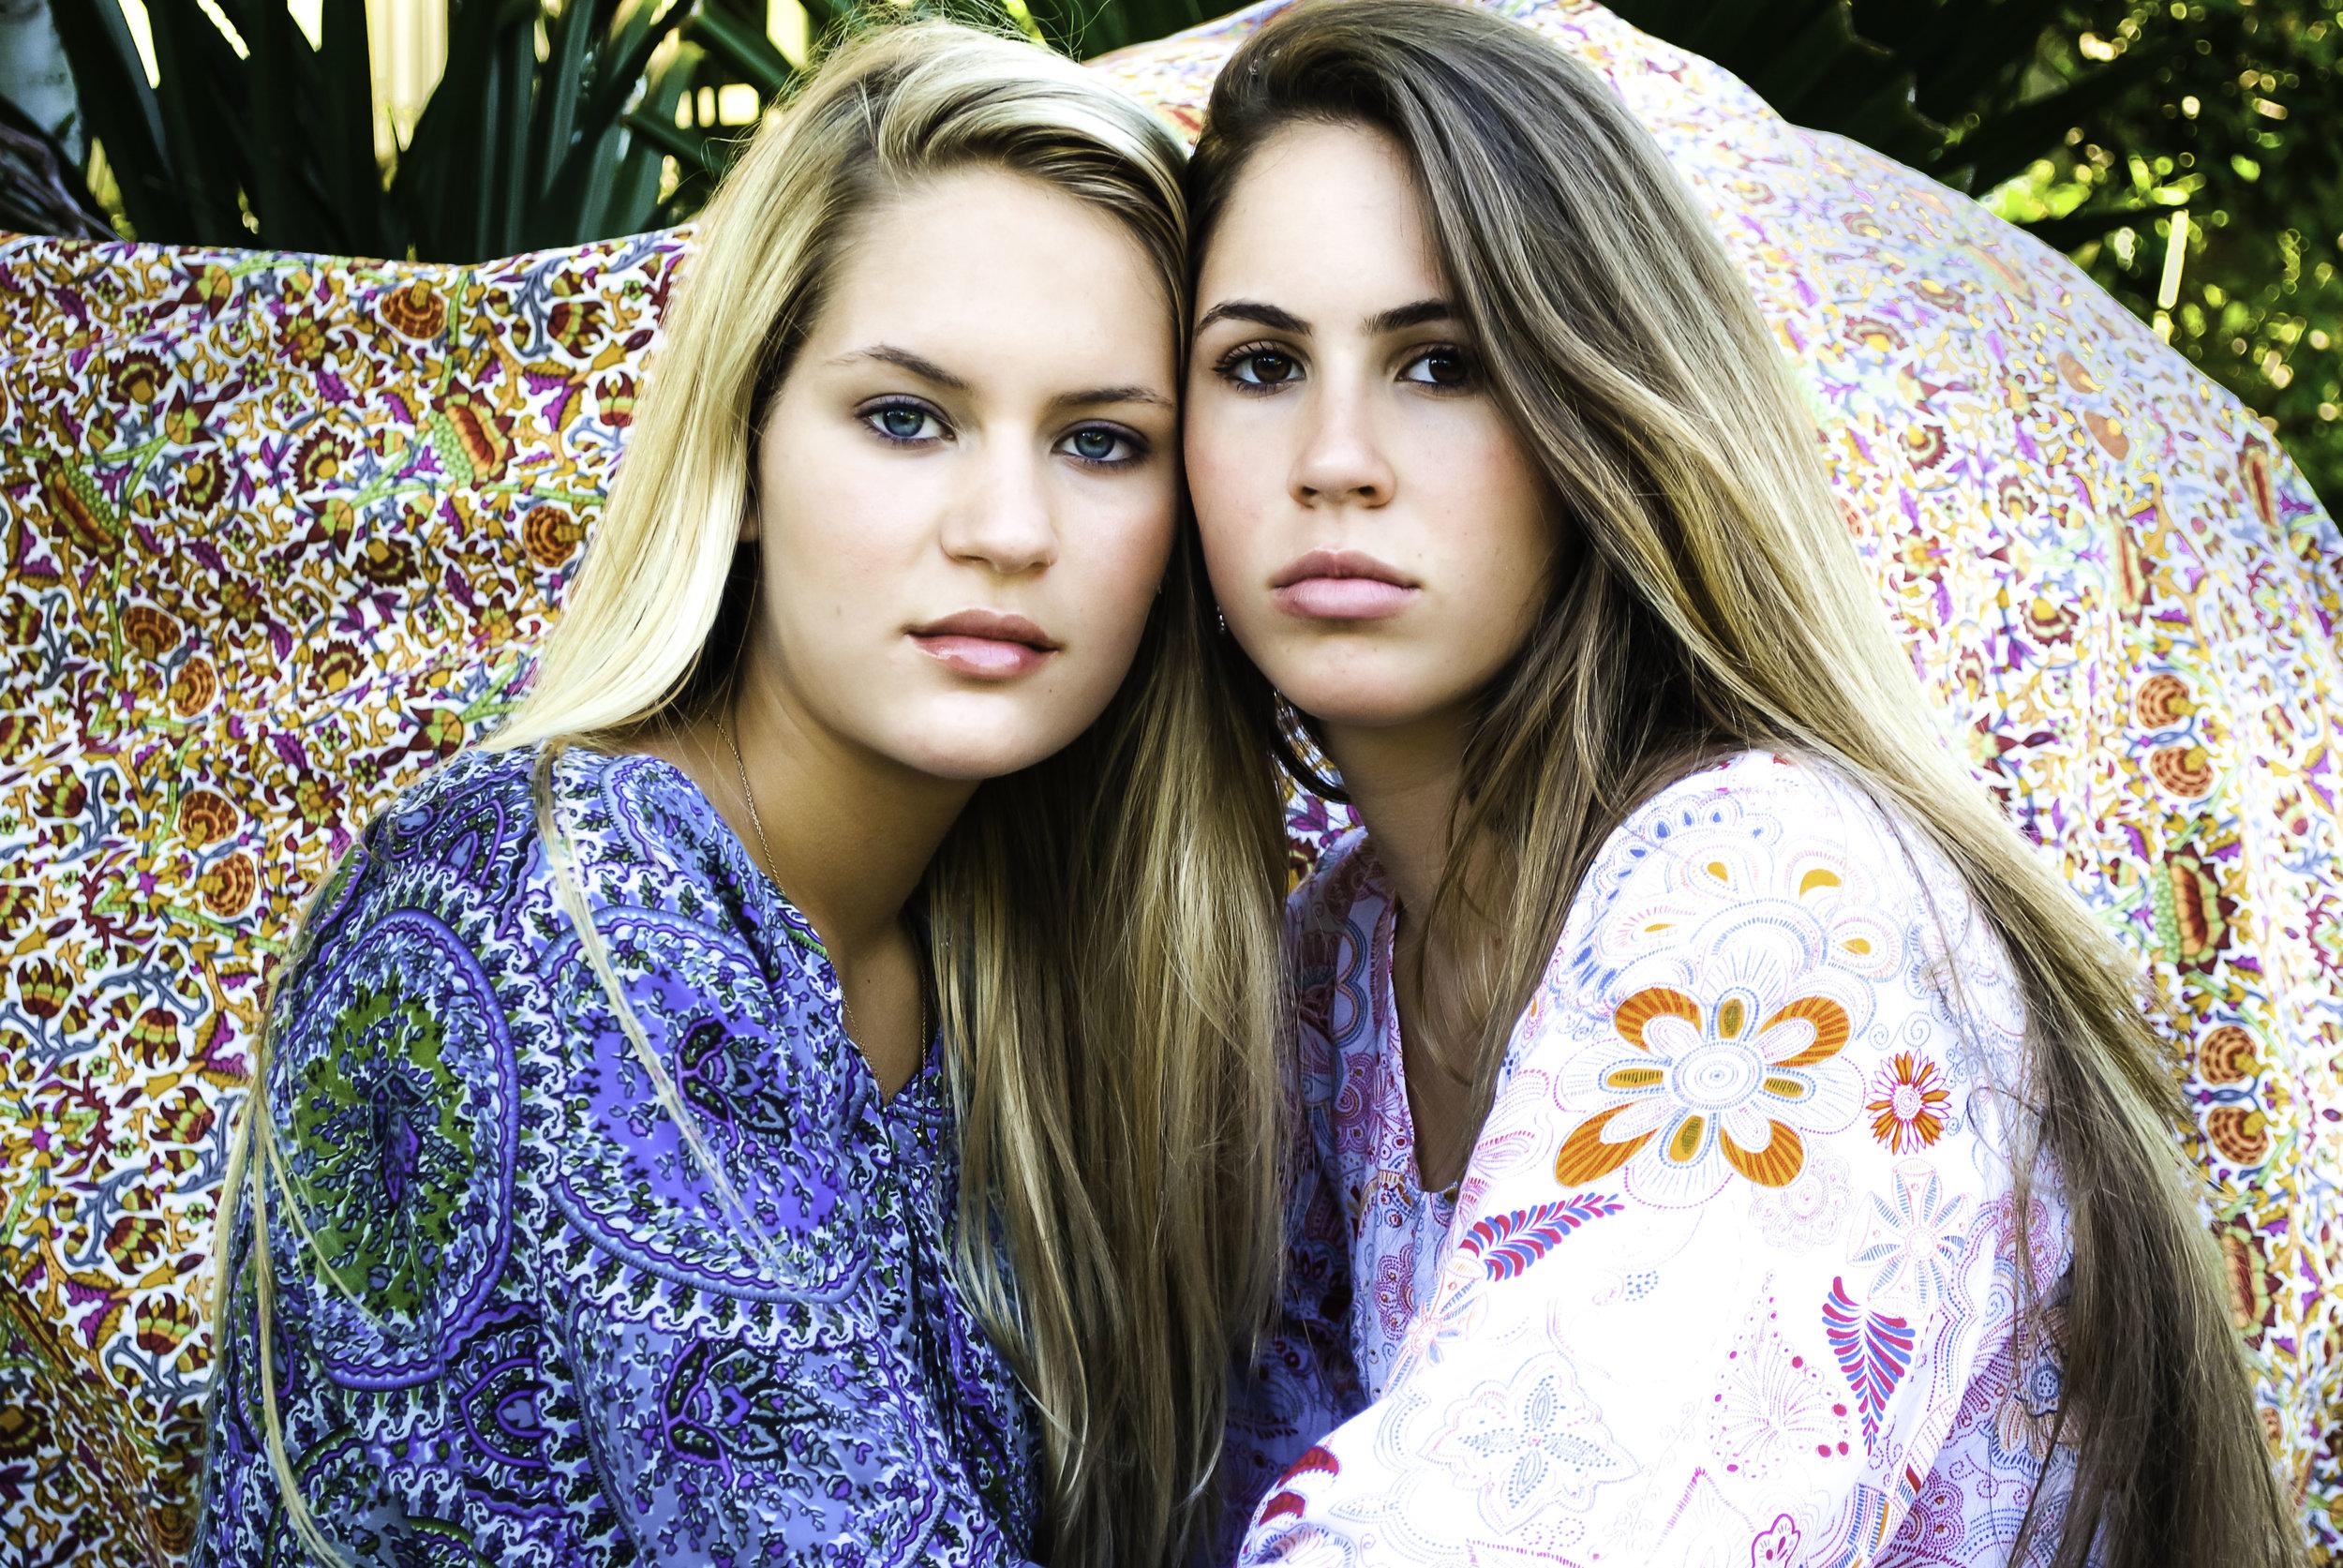 Coker_Lyon Girls.jpg